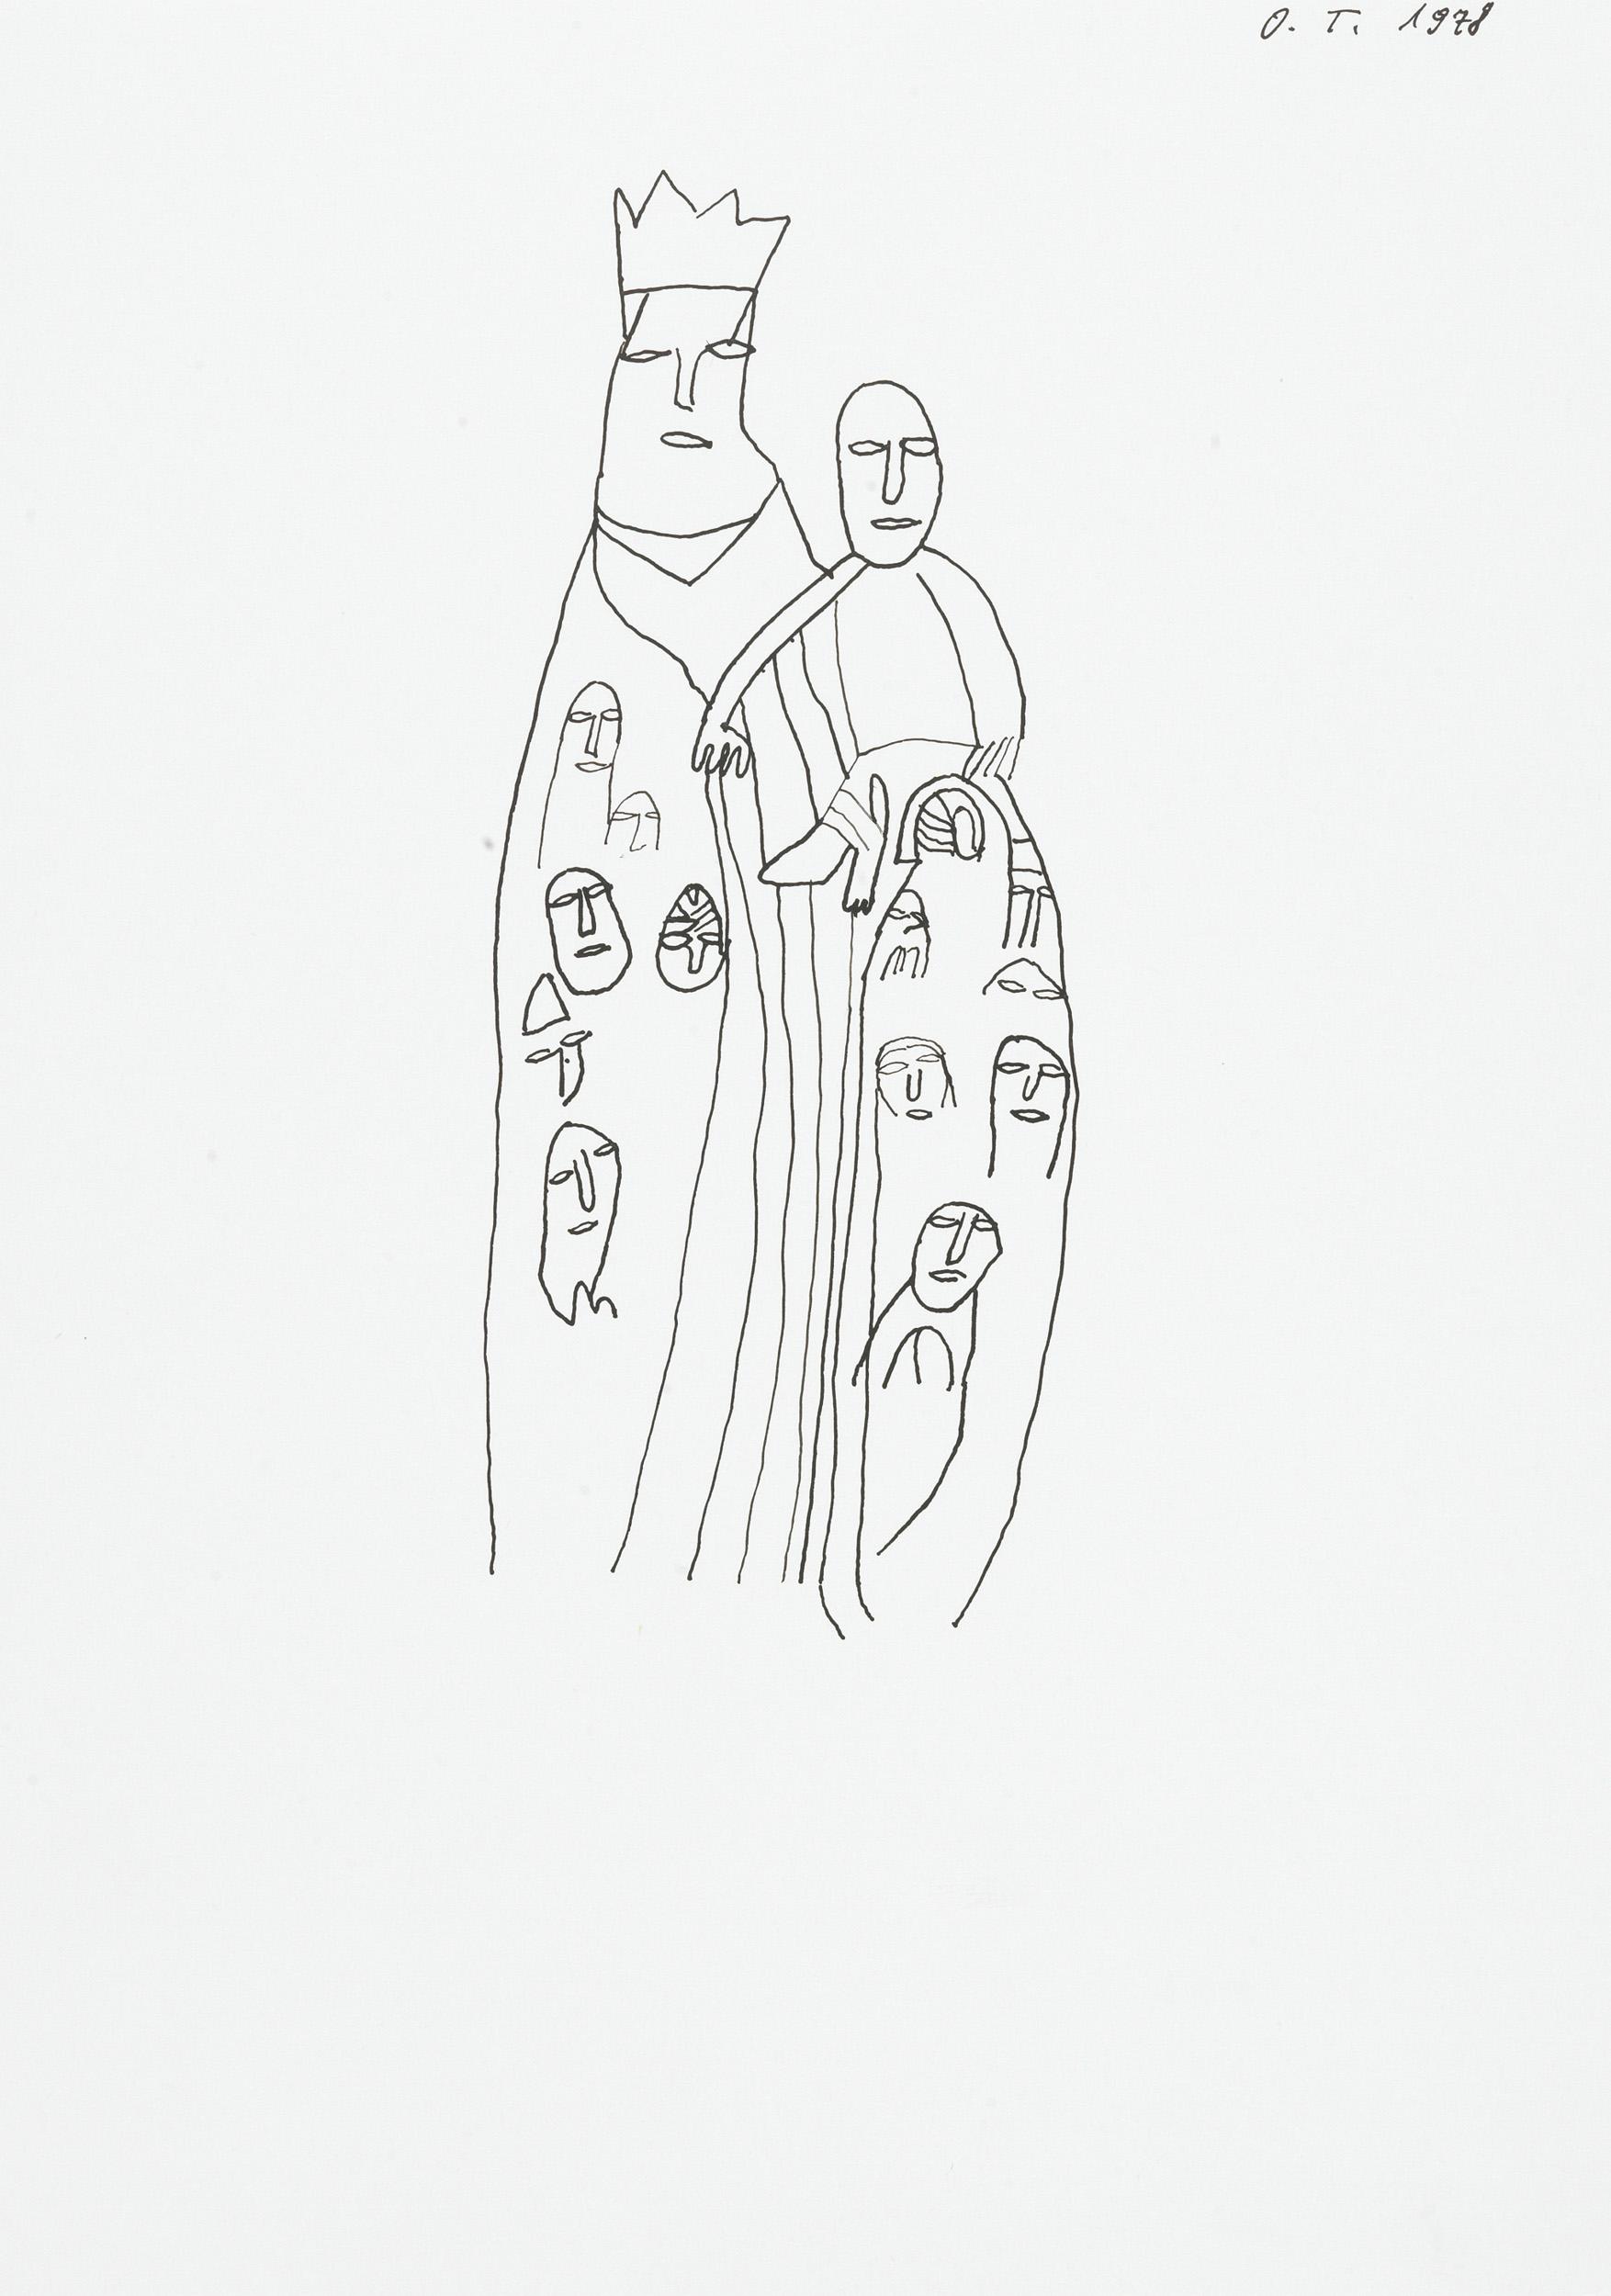 tschirtner oswald - madonna mit kind / madonna with child